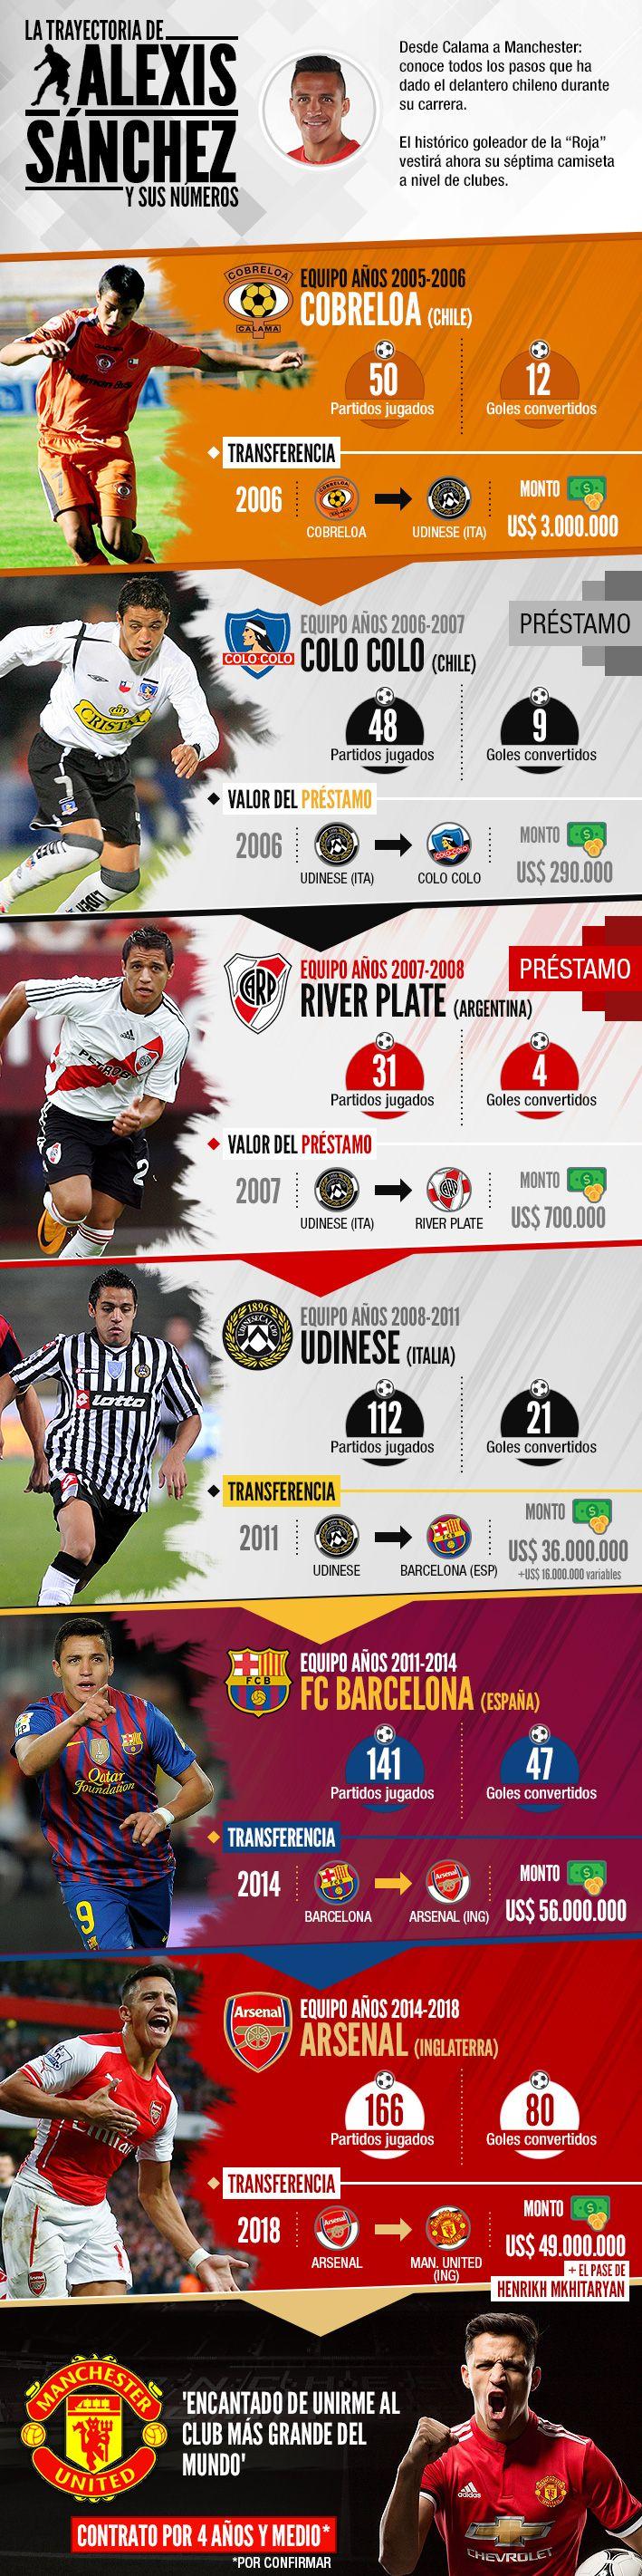 """Ya oficializado el fichaje del chileno como nuevo jugador de los """"Diablos Rojos"""", revisa los clubes donde ha estado y los montos de sus transacciones."""